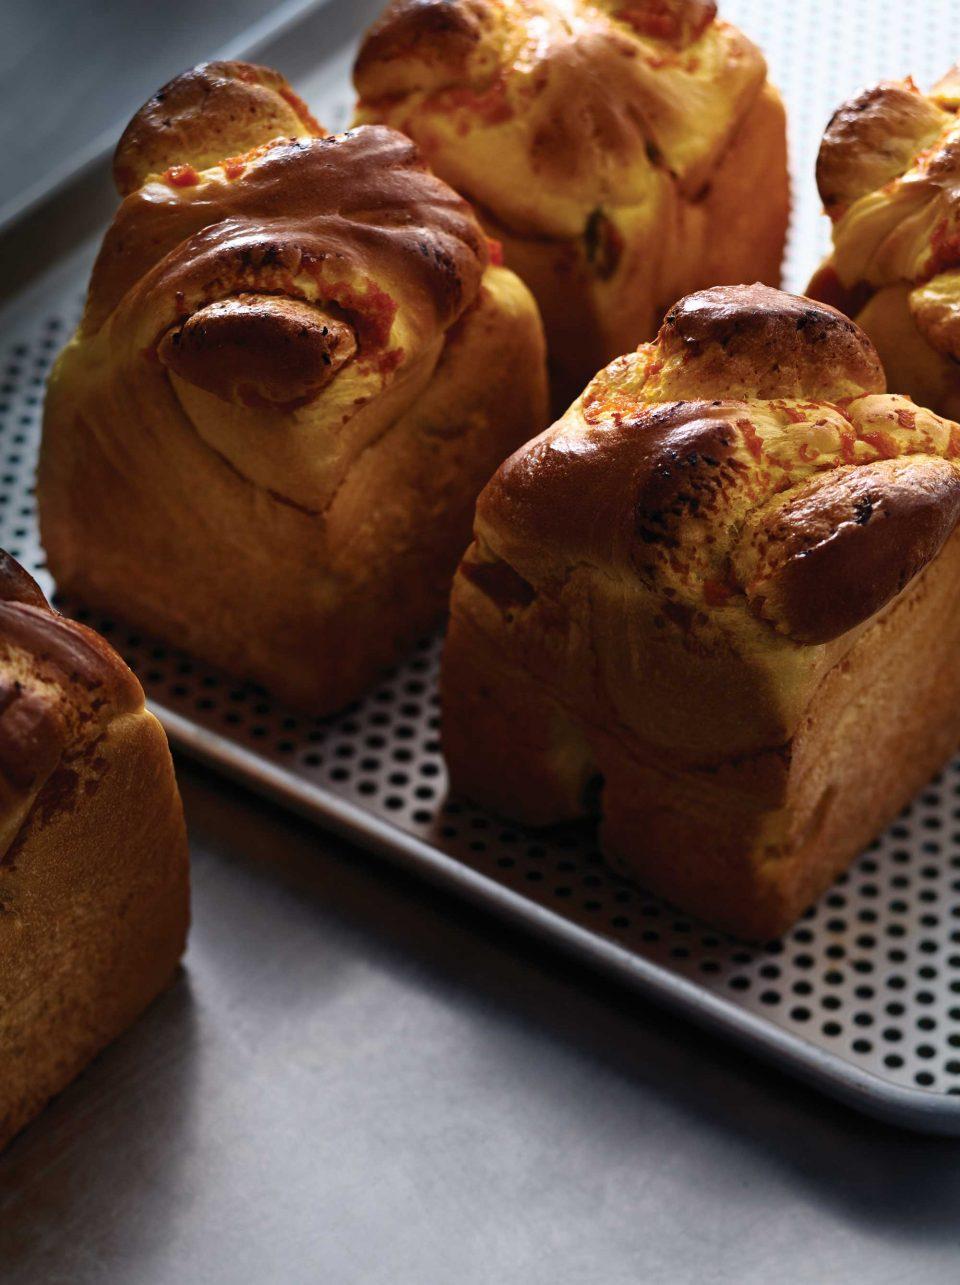 1001-bread1-4-960x1285.jpg